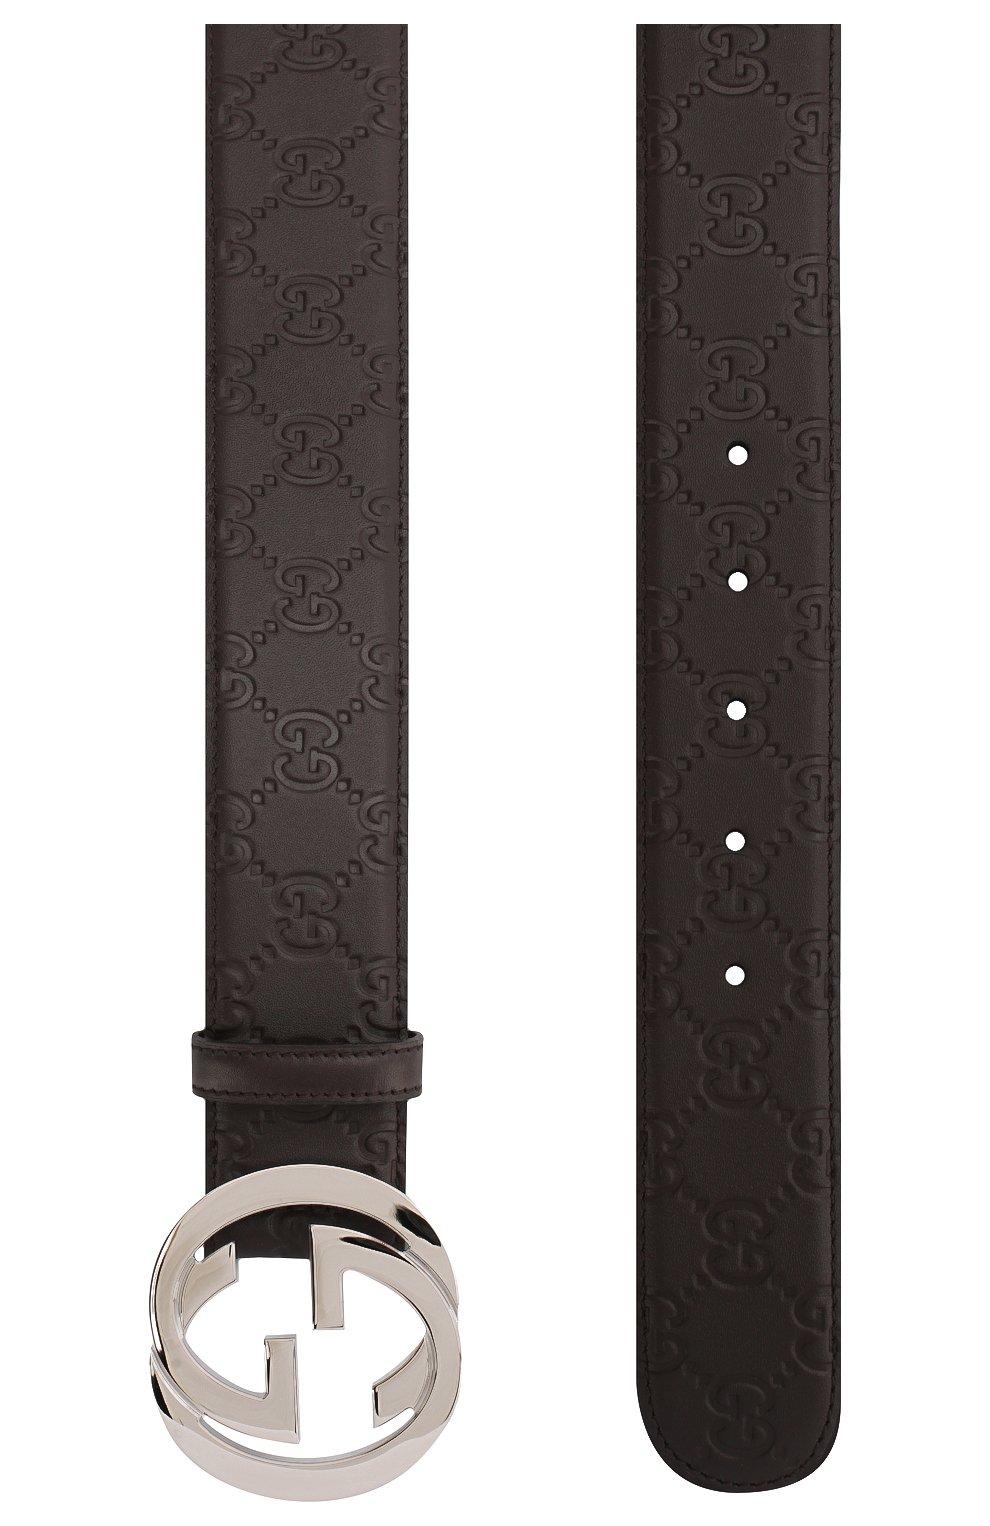 Мужской кожаный ремень signature GUCCI темно-коричневого цвета, арт. 411924/CWC1N | Фото 2 (Случай: Повседневный, Формальный)